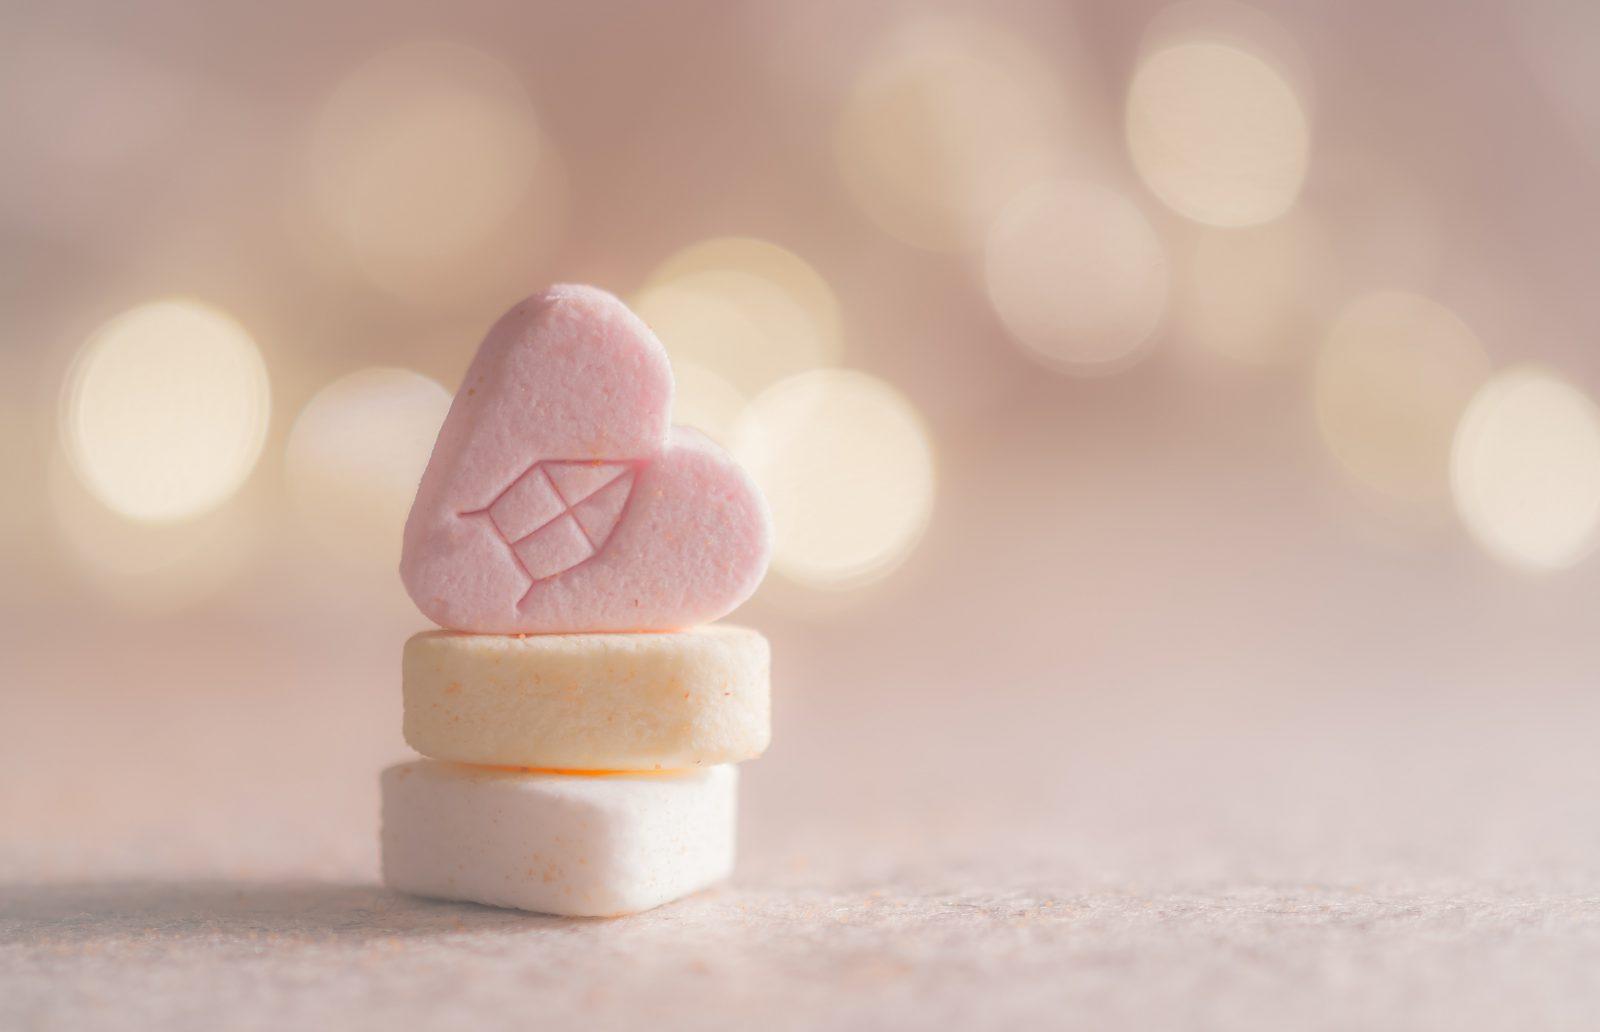 Vitamina para cachorro: amóstra de tablete de vitamina sintética em formato de coração